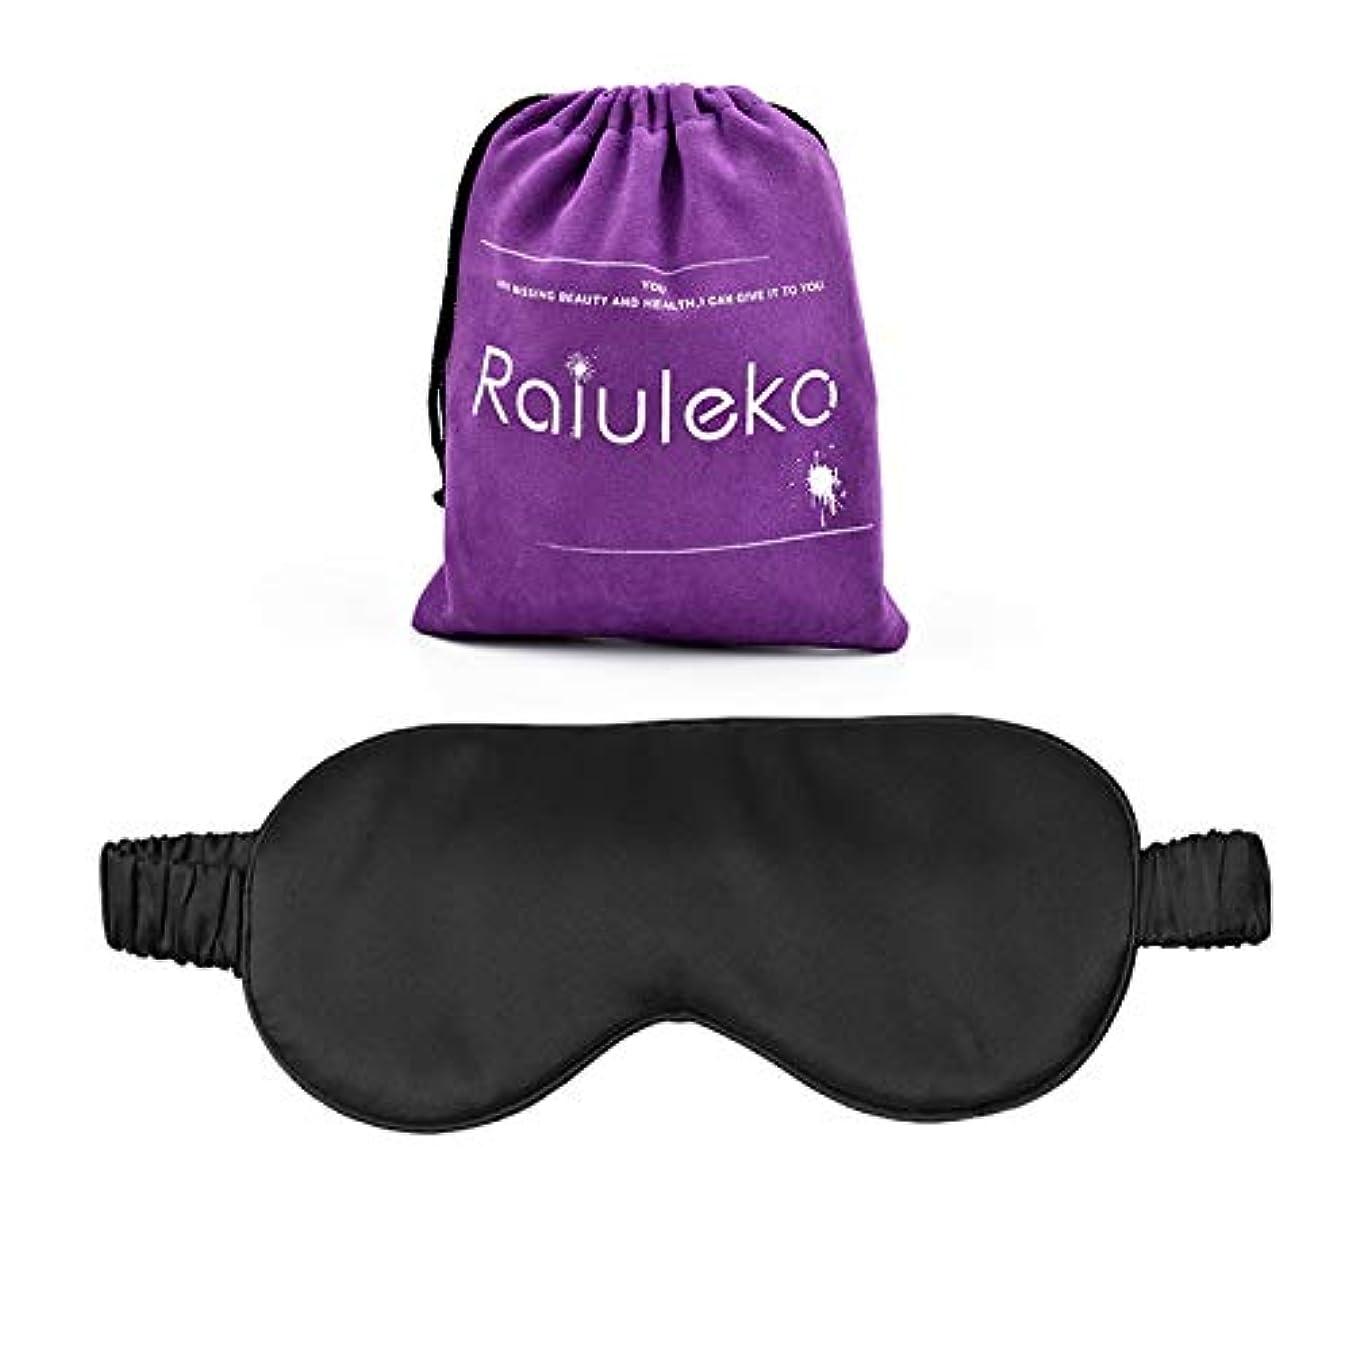 バックグラウンド製油所閃光NOTE 2色高級シルク3dアイマスク両面ソフトトラベルリラックスシェーディングスリーピングゴーグル通気性睡眠補助アイパッチマスク